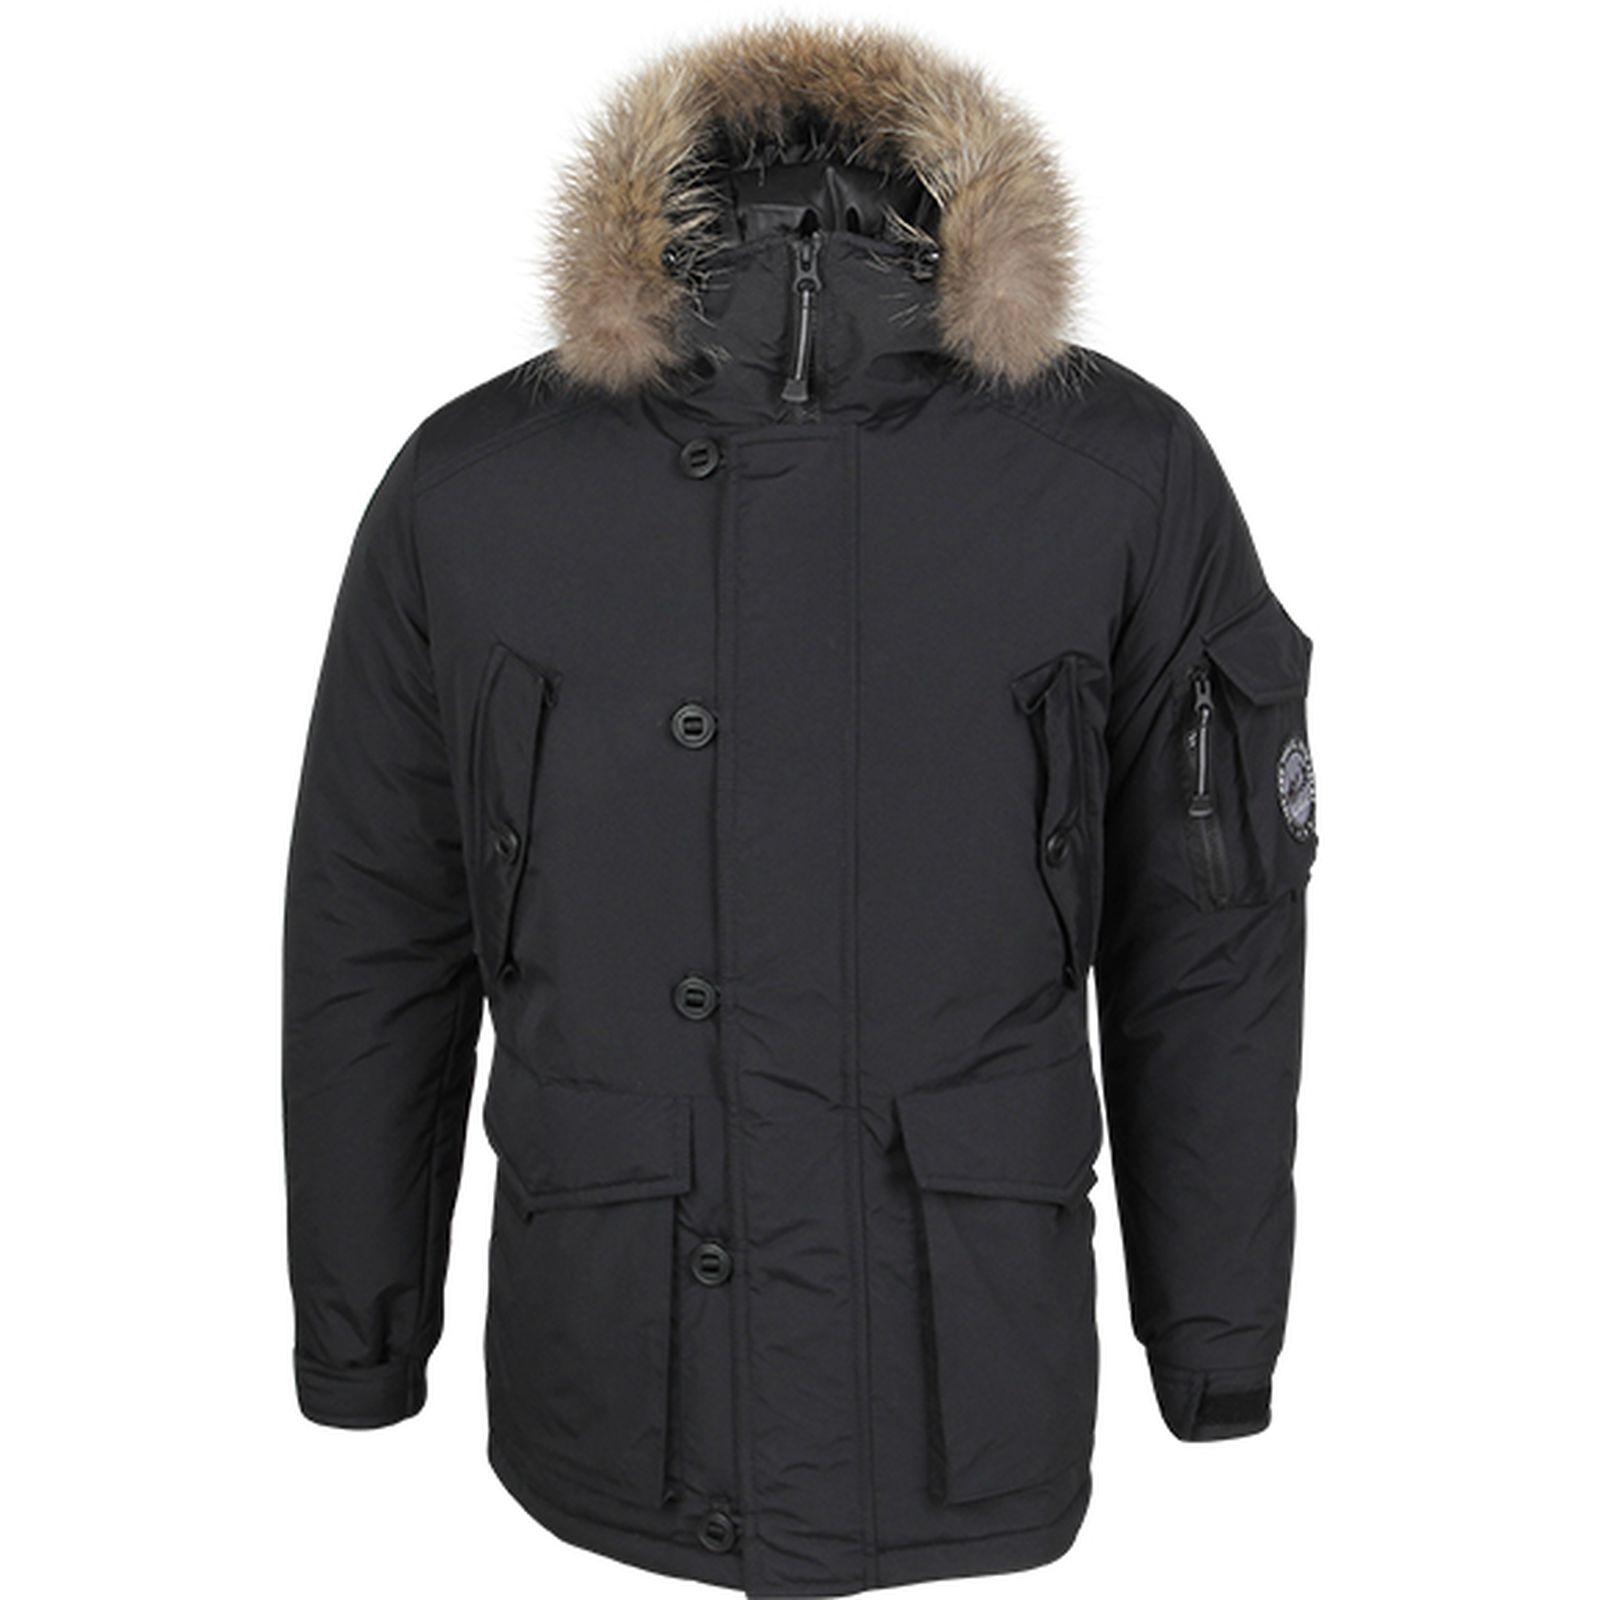 8d3f4232f7c Городская зимняя куртка Splav «Аляска» (оливковый